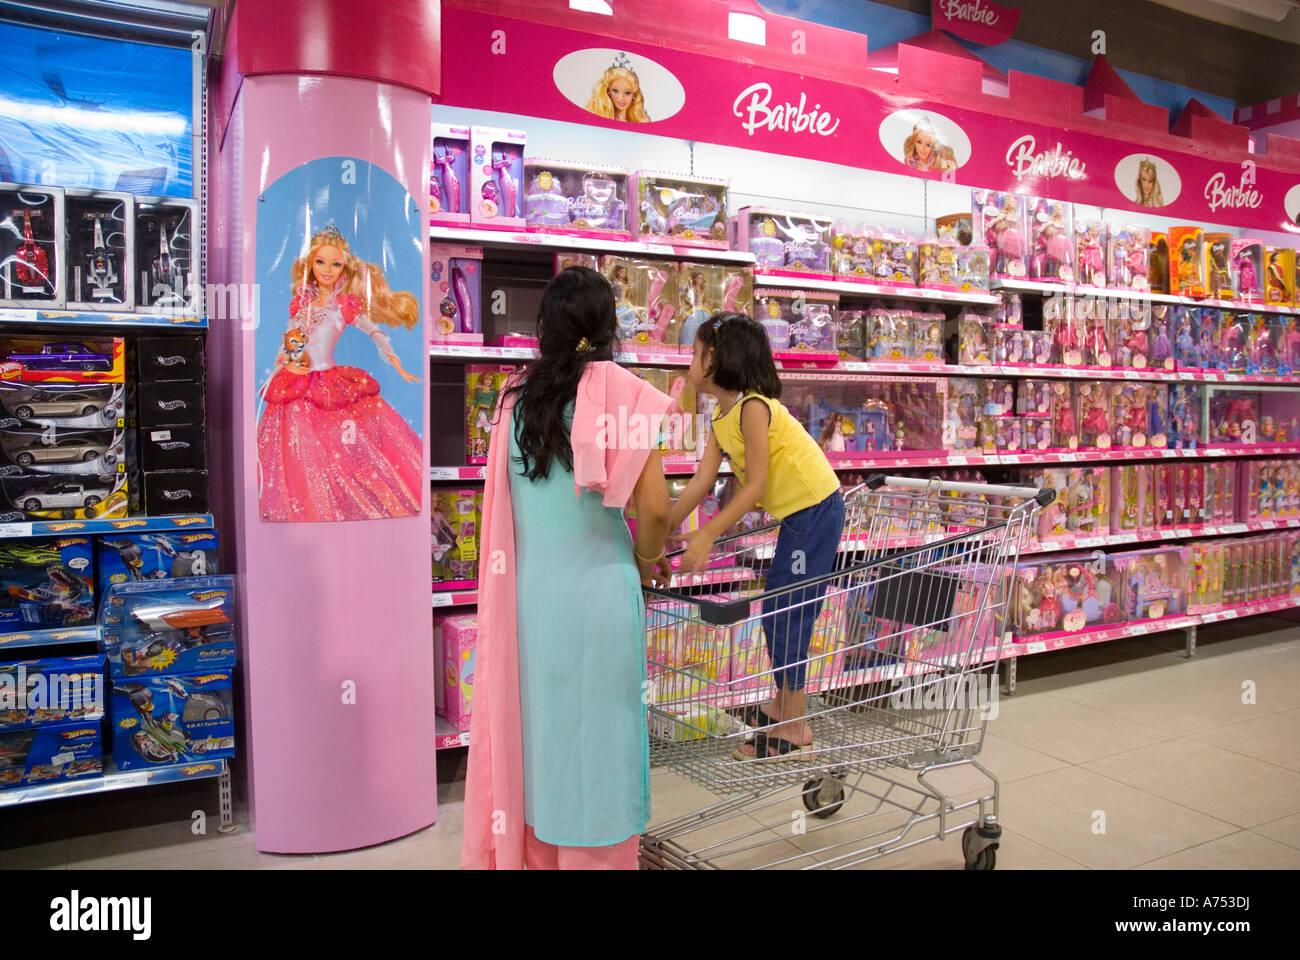 Barbie Shop Stock Photos Barbie Shop Stock Images Alamy